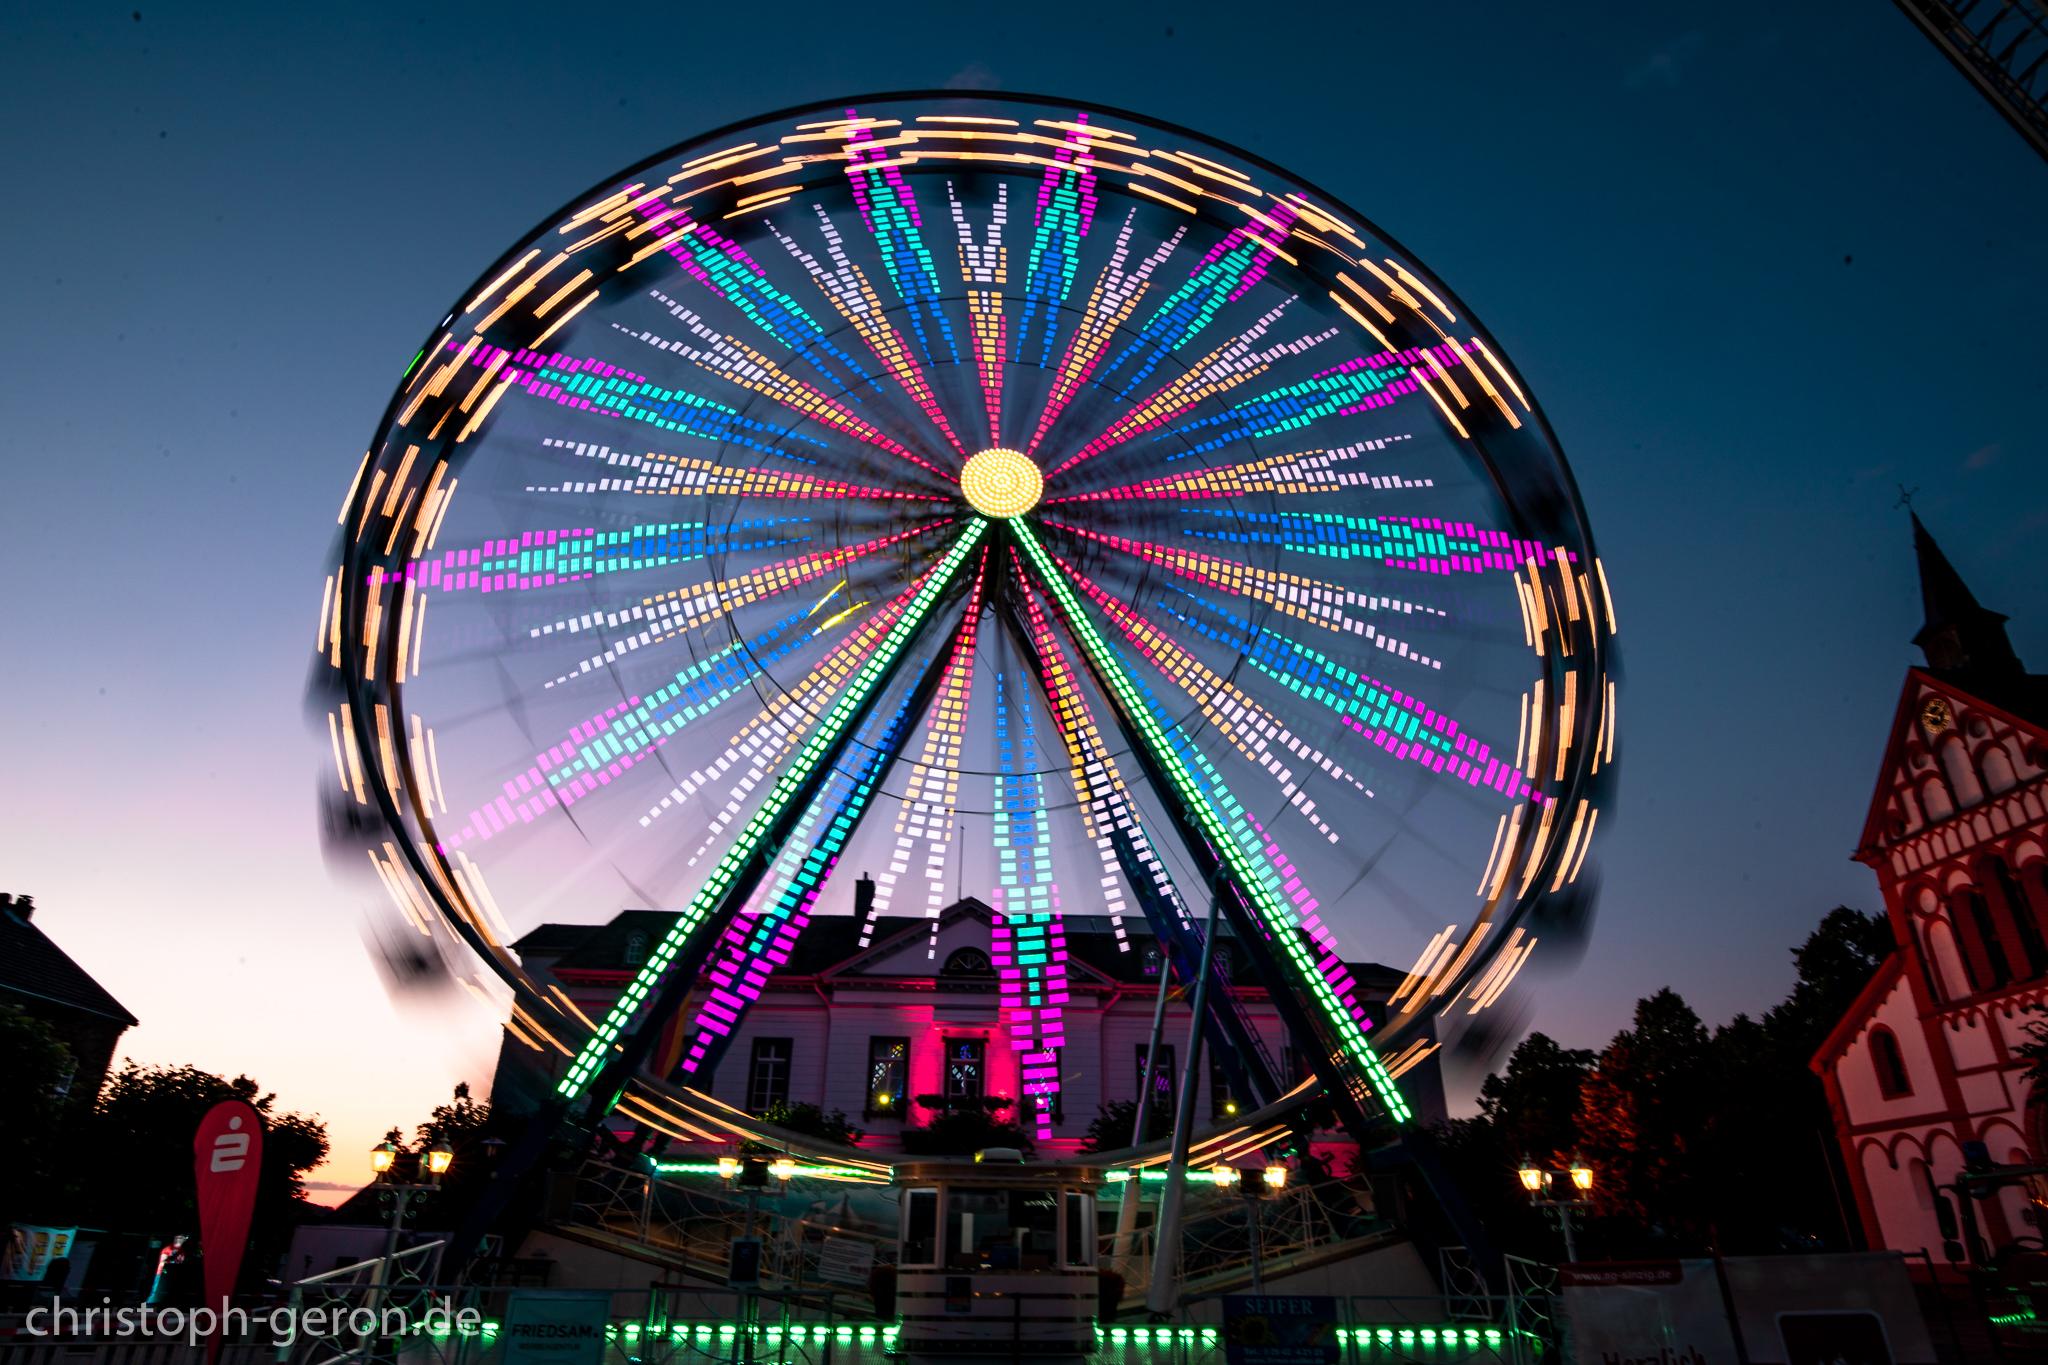 Music n sky - Spaß im Riesenrad - Aktivgemeinschaft Sinzig